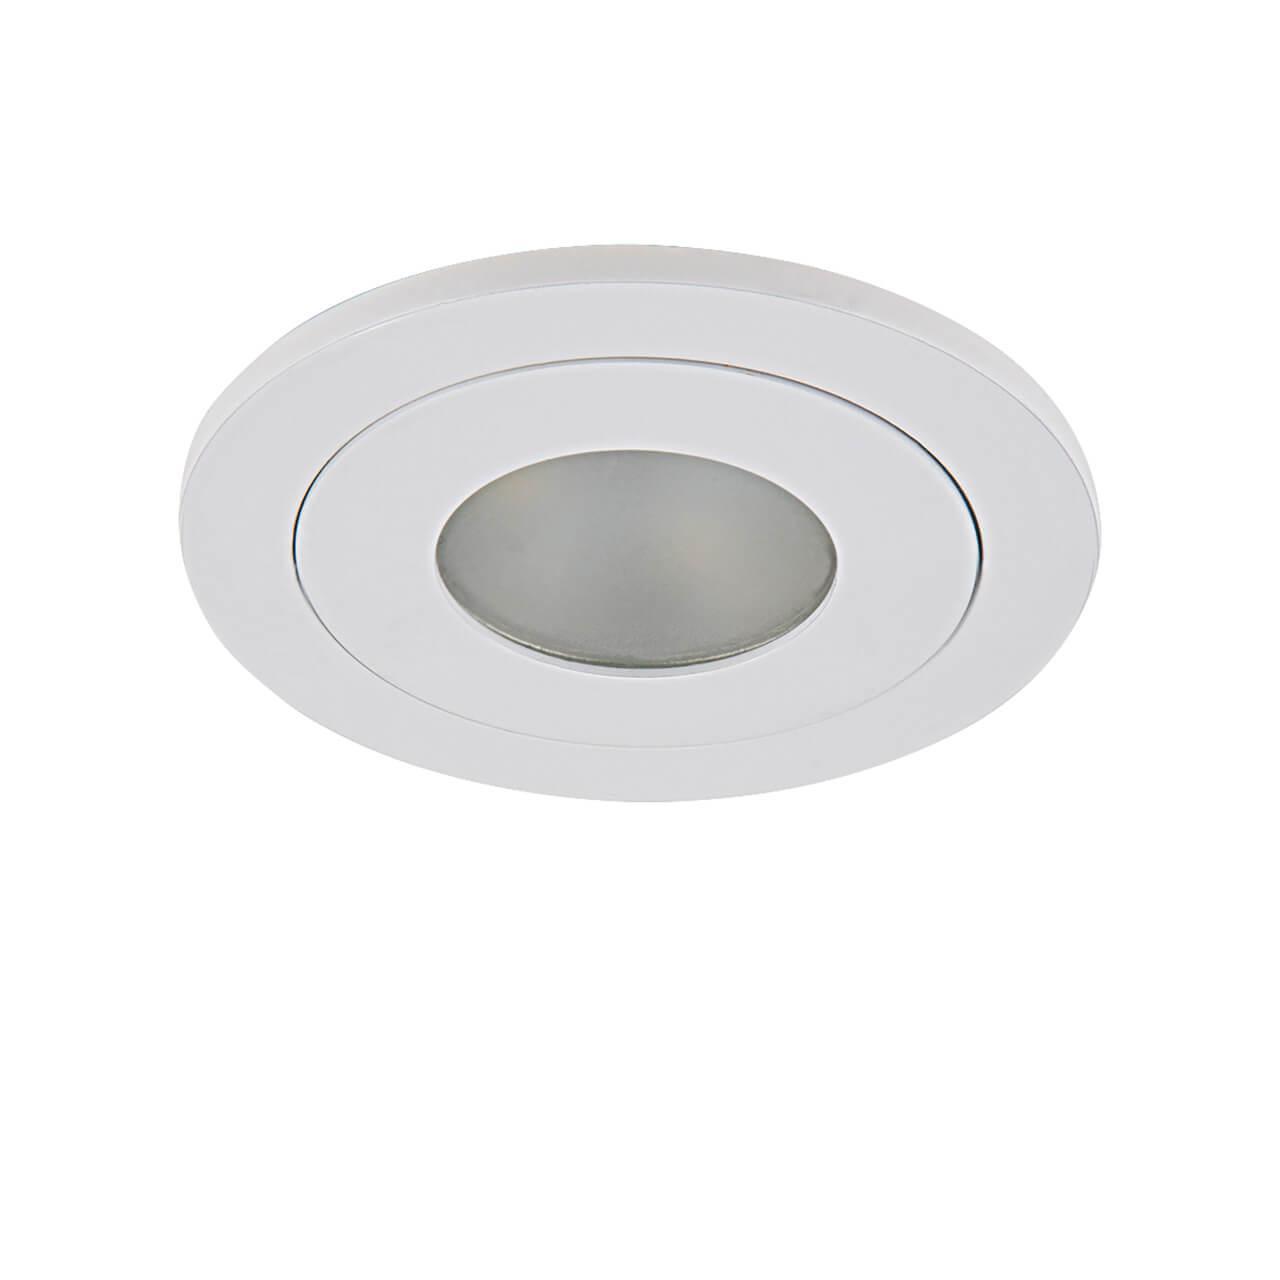 Встраиваемый светильник Lightstar 212176, LED, 3 Вт встраиваемый светильник lightstar led 3 вт